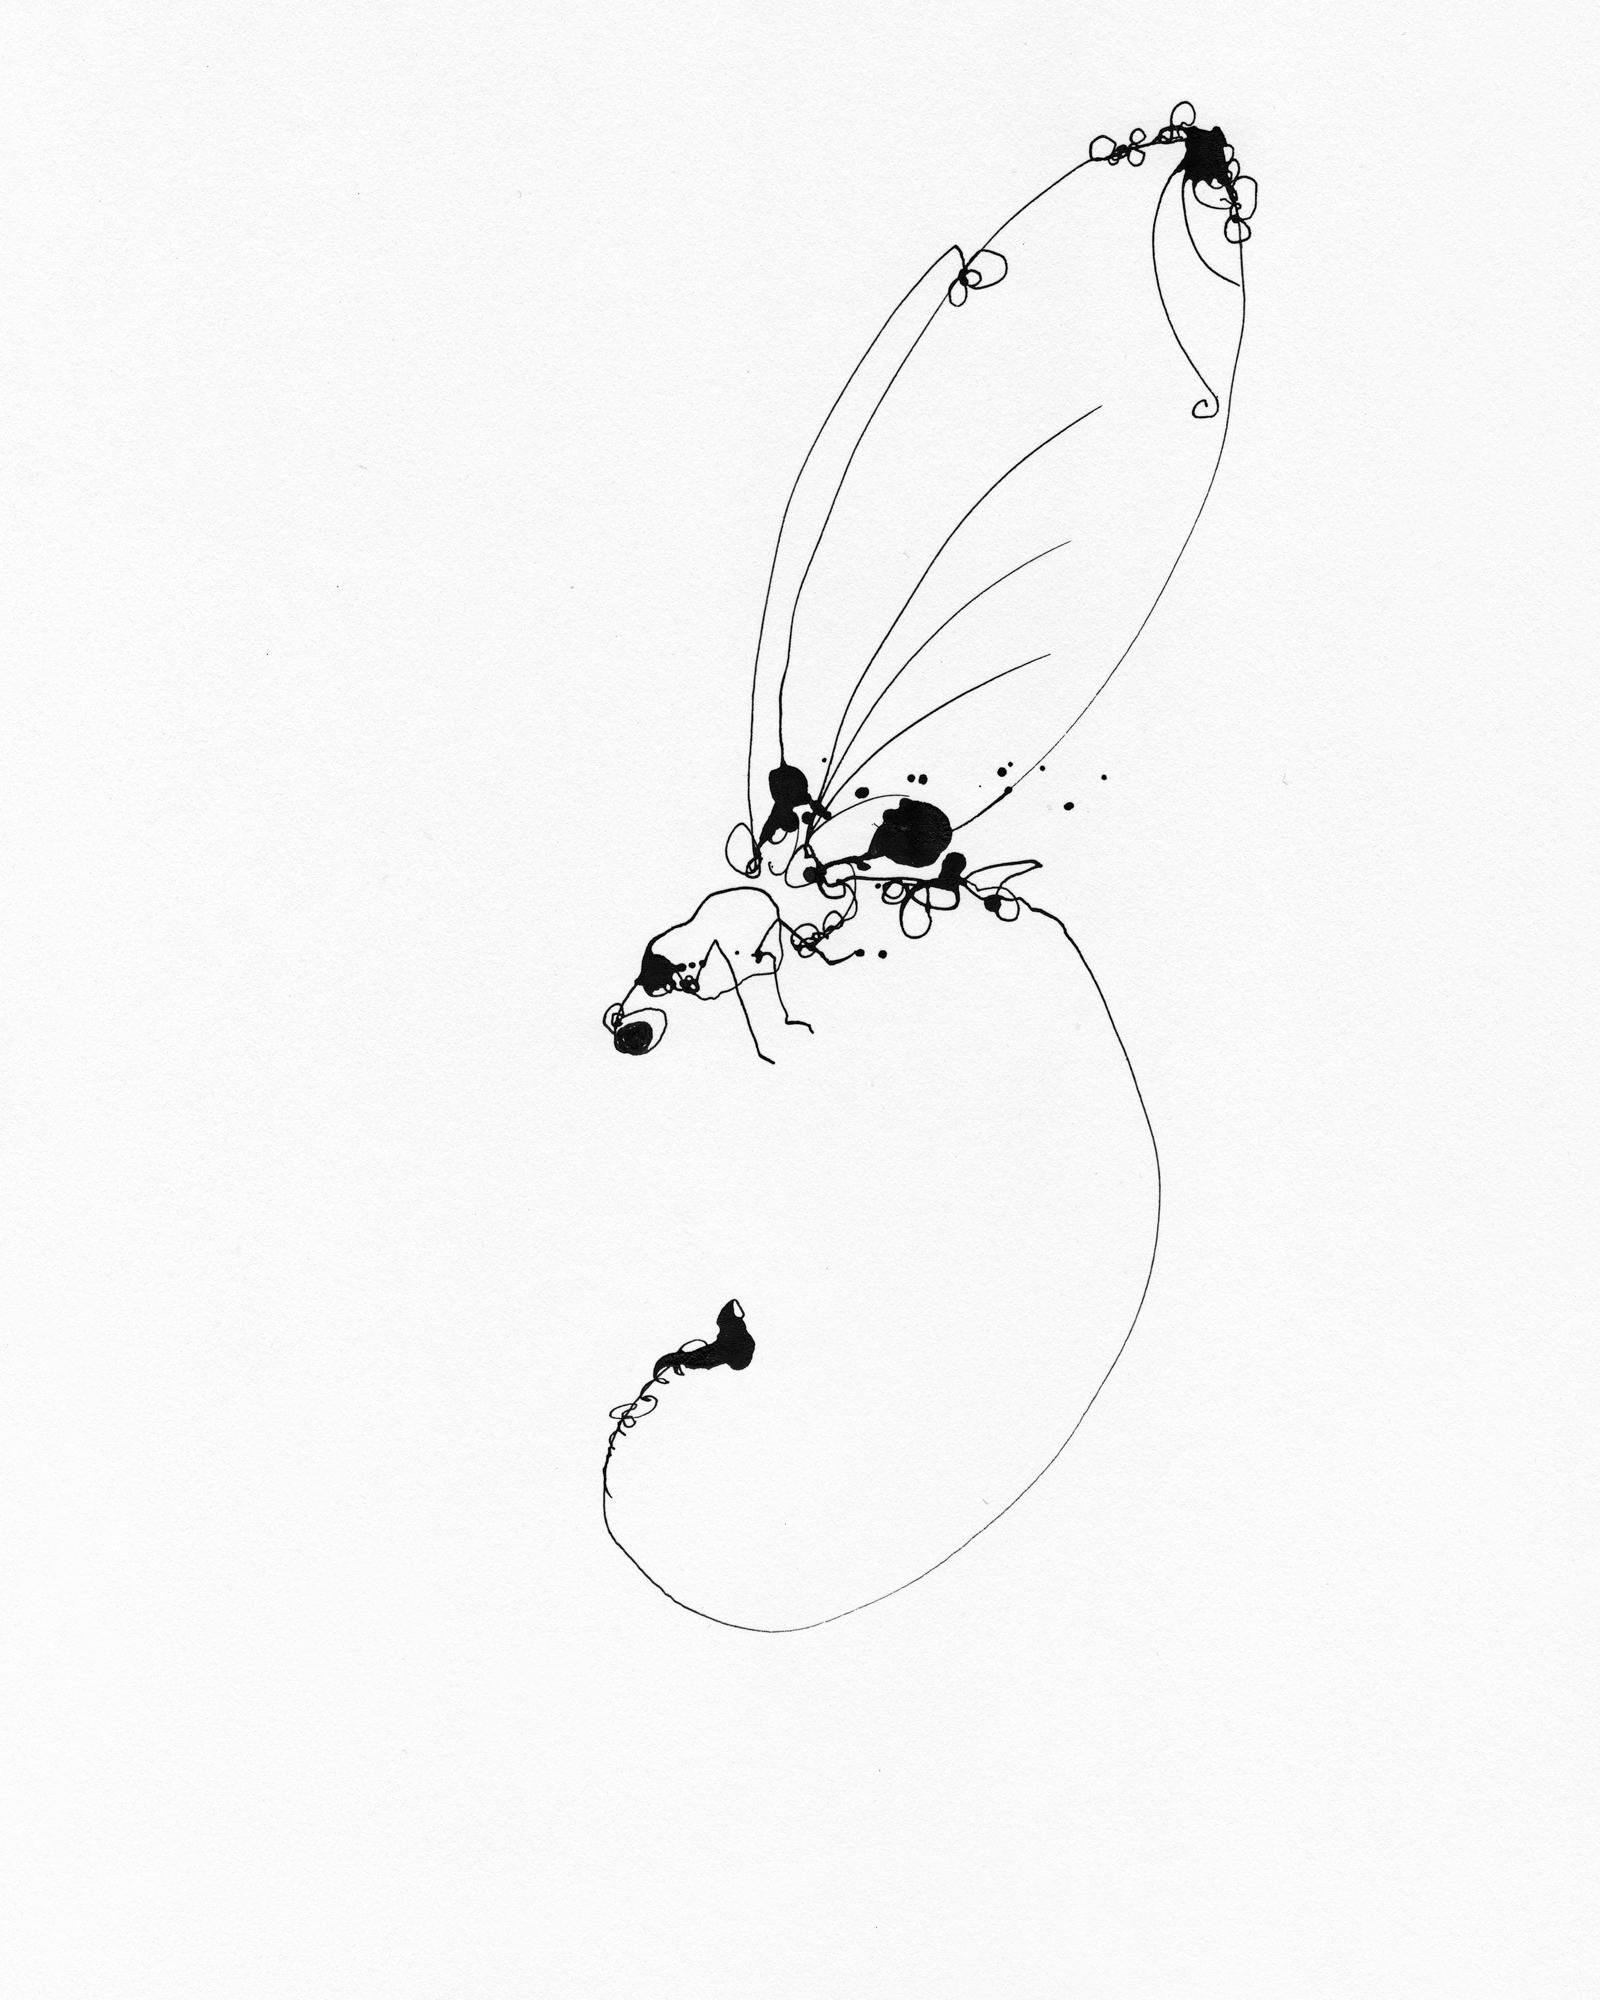 Dragonfly_25_8x10.jpg